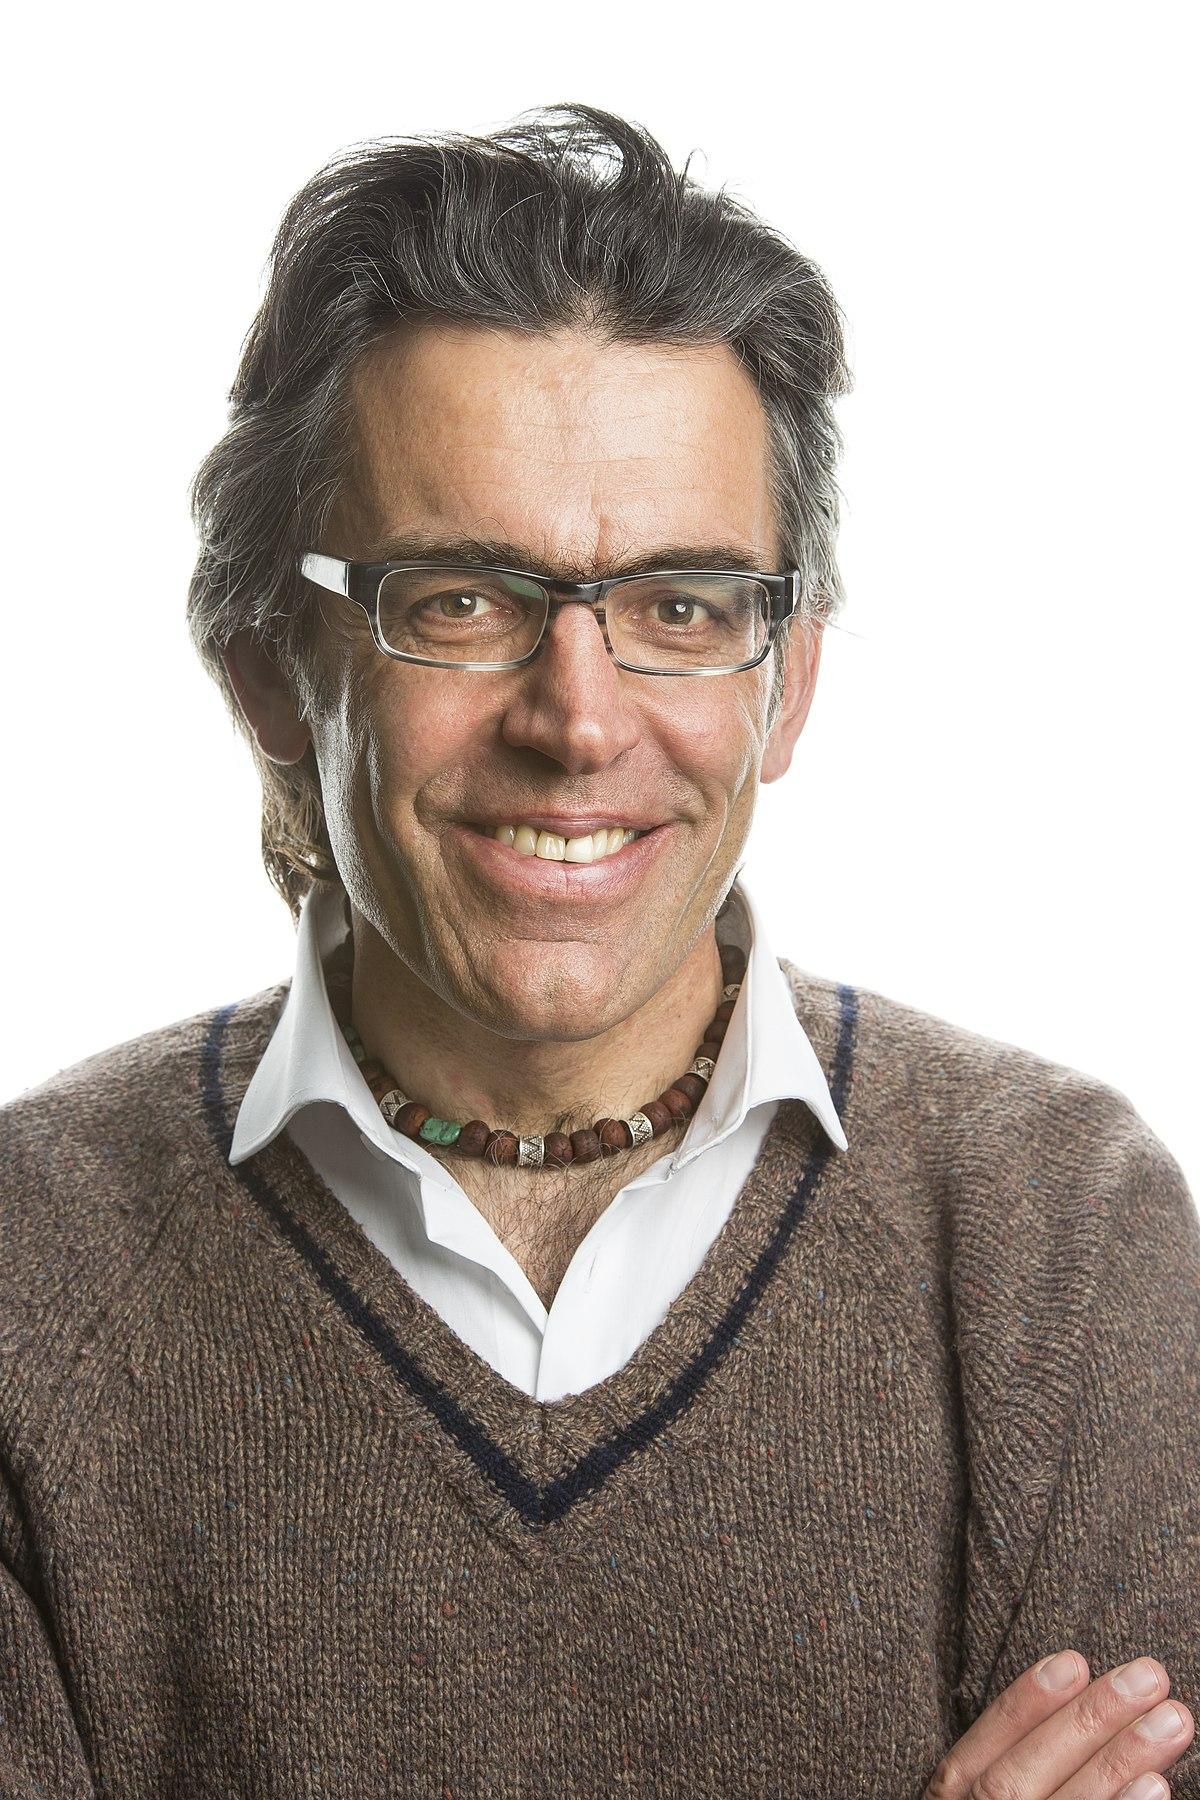 Wilfried Meichtry - Wilfried Meichtry, geboren 1965 in Leuk-Susten im Wallis, ist promovierter Historiker und Germanist. Nach dem Studium arbeitete er als Gymnasiallehrer, seit 2002 ist er selbstständiger Publizist. Meichtry konzipiert Ausstellungen und schreibt Drehbücher. Er lebt und arbeitet in Burgdorf.Bild © Robert Hofer